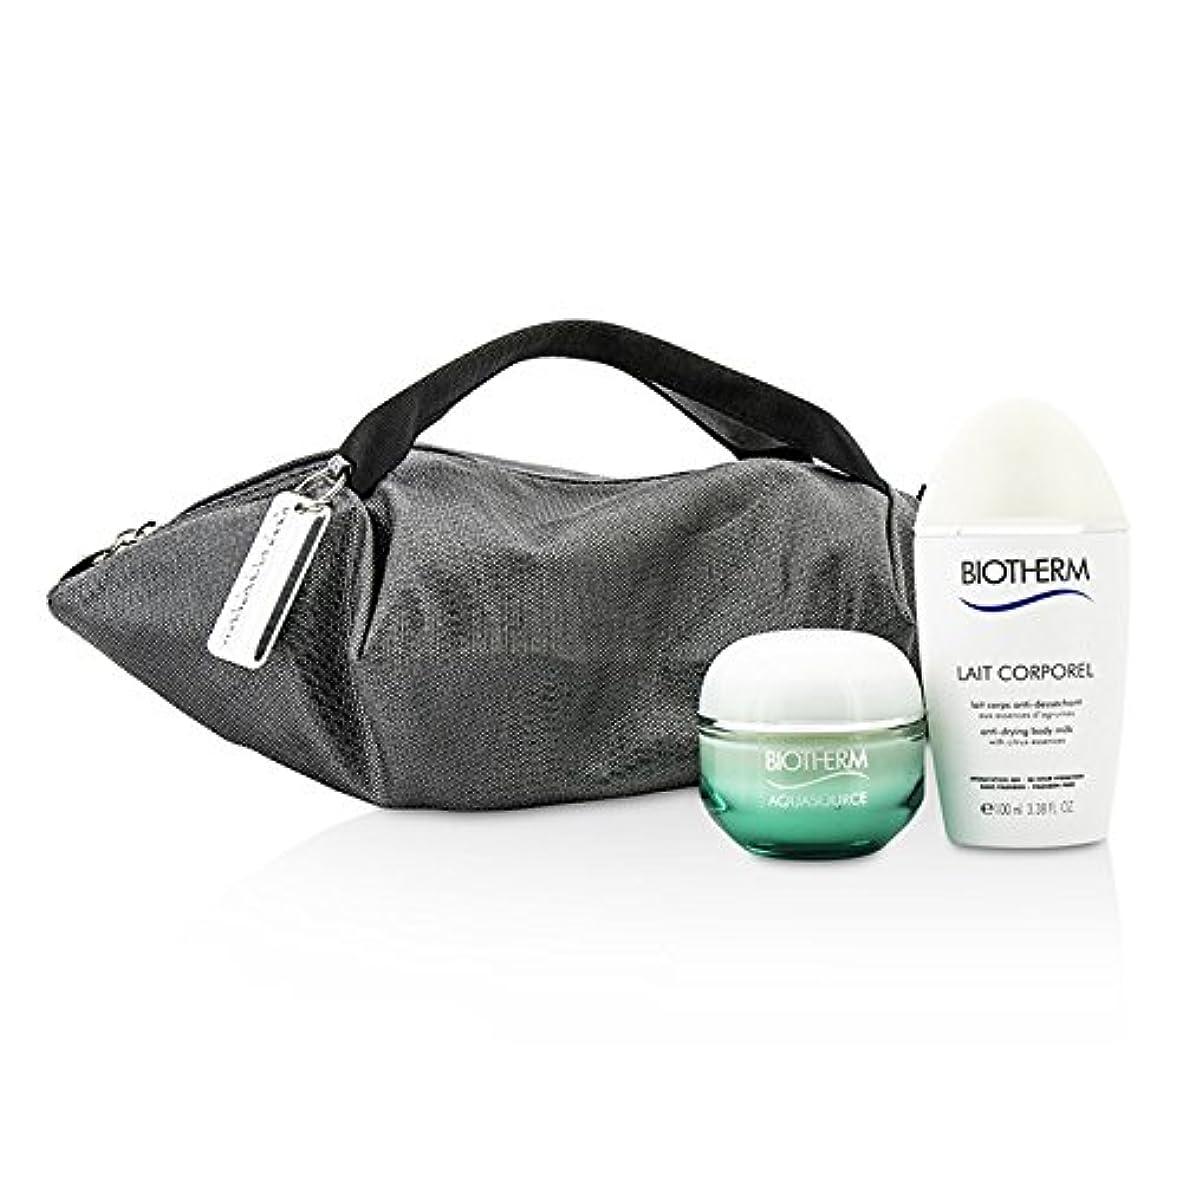 説明的フォルダホップビオテルム Aquasource & Body Care X Mandarina Duck Coffret: Cream N/C 50ml + Anti-Drying Body Care 100ml + Handle Bag...